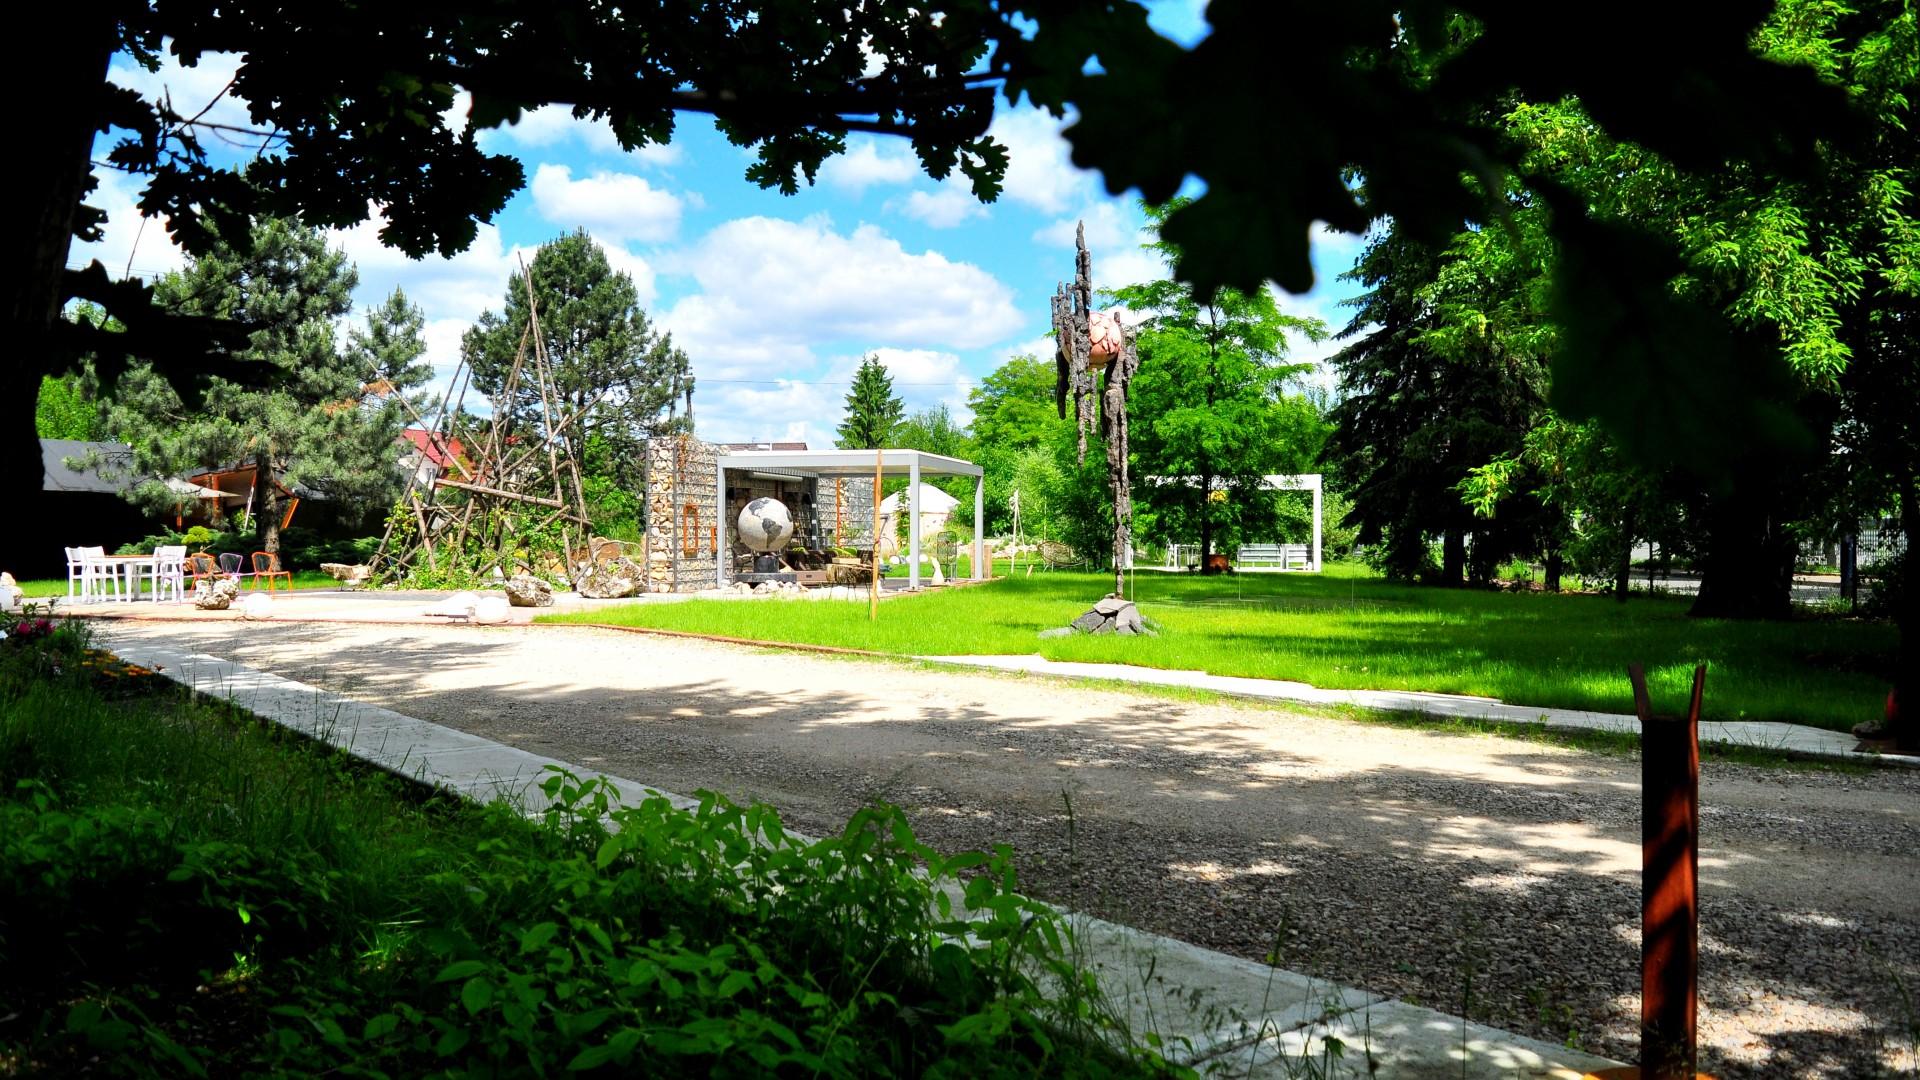 Ekspozycja firmowa Garden PRO w Krakowie